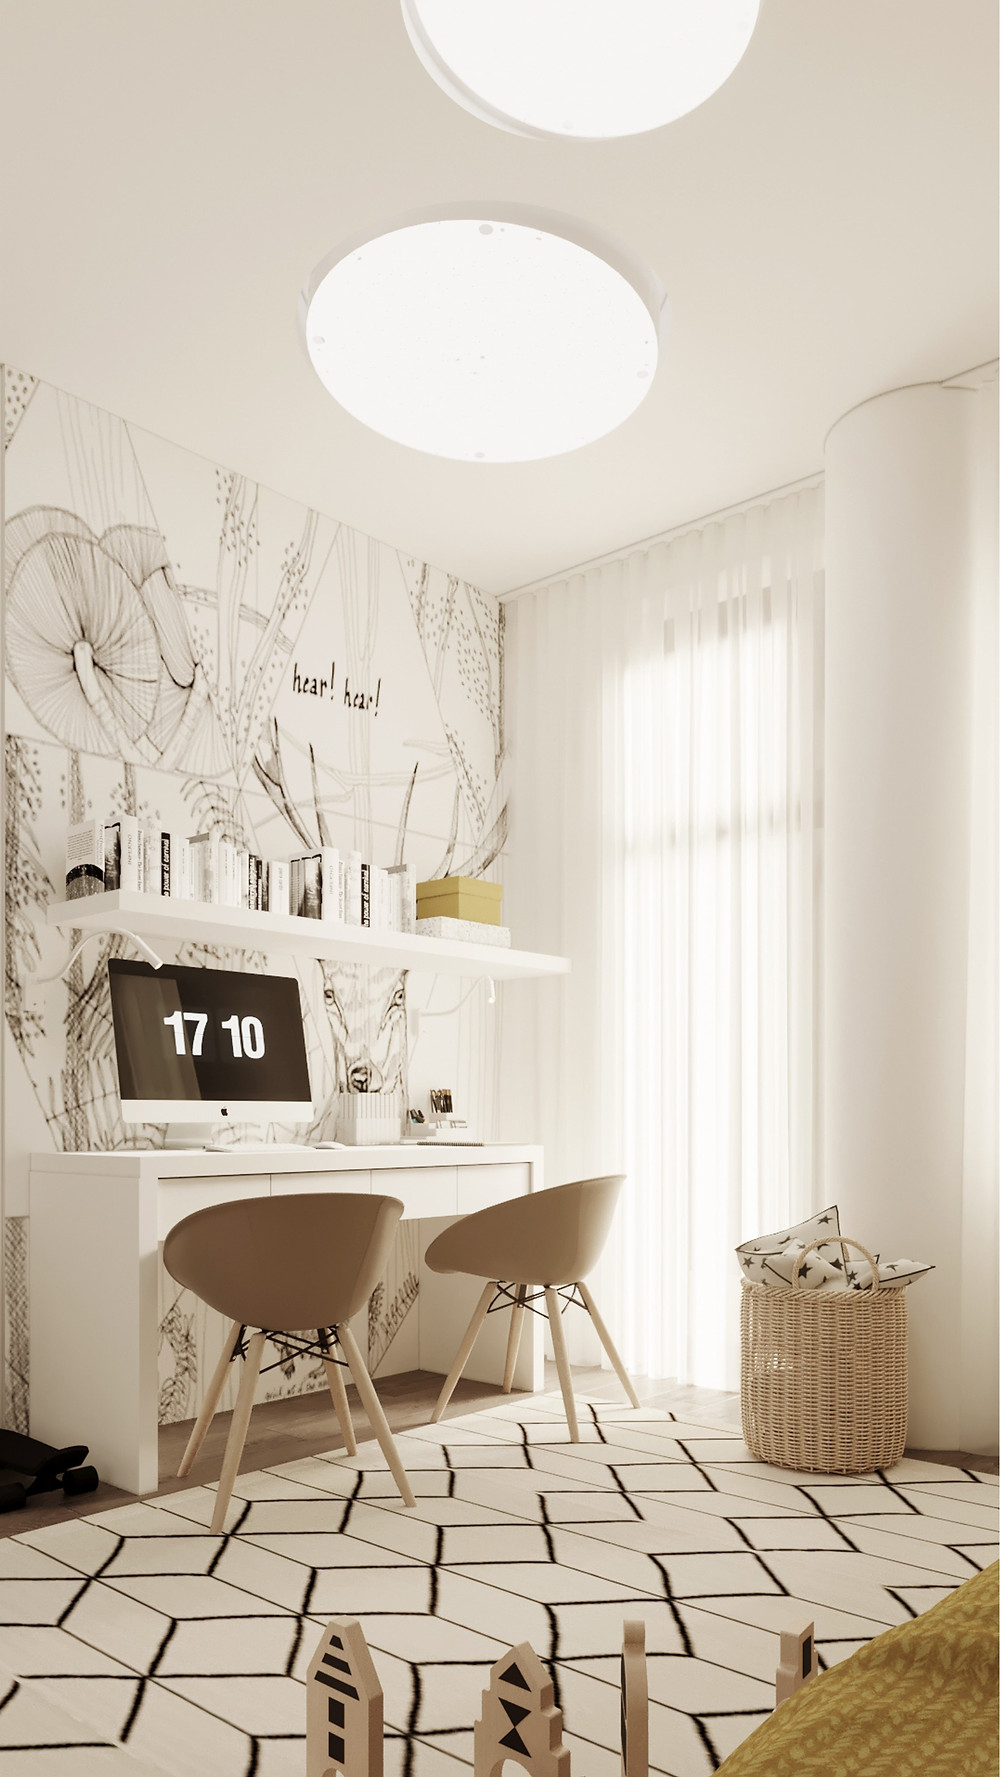 Wall&Deco| Interior kidsroom SENKO architects |Bedroom wallpaper |блог senko architects | Обои в  современном интерьере: клеить или не клеить? | обои в детской | обои дизайн интерьера | дизайнер интерьера украина киев